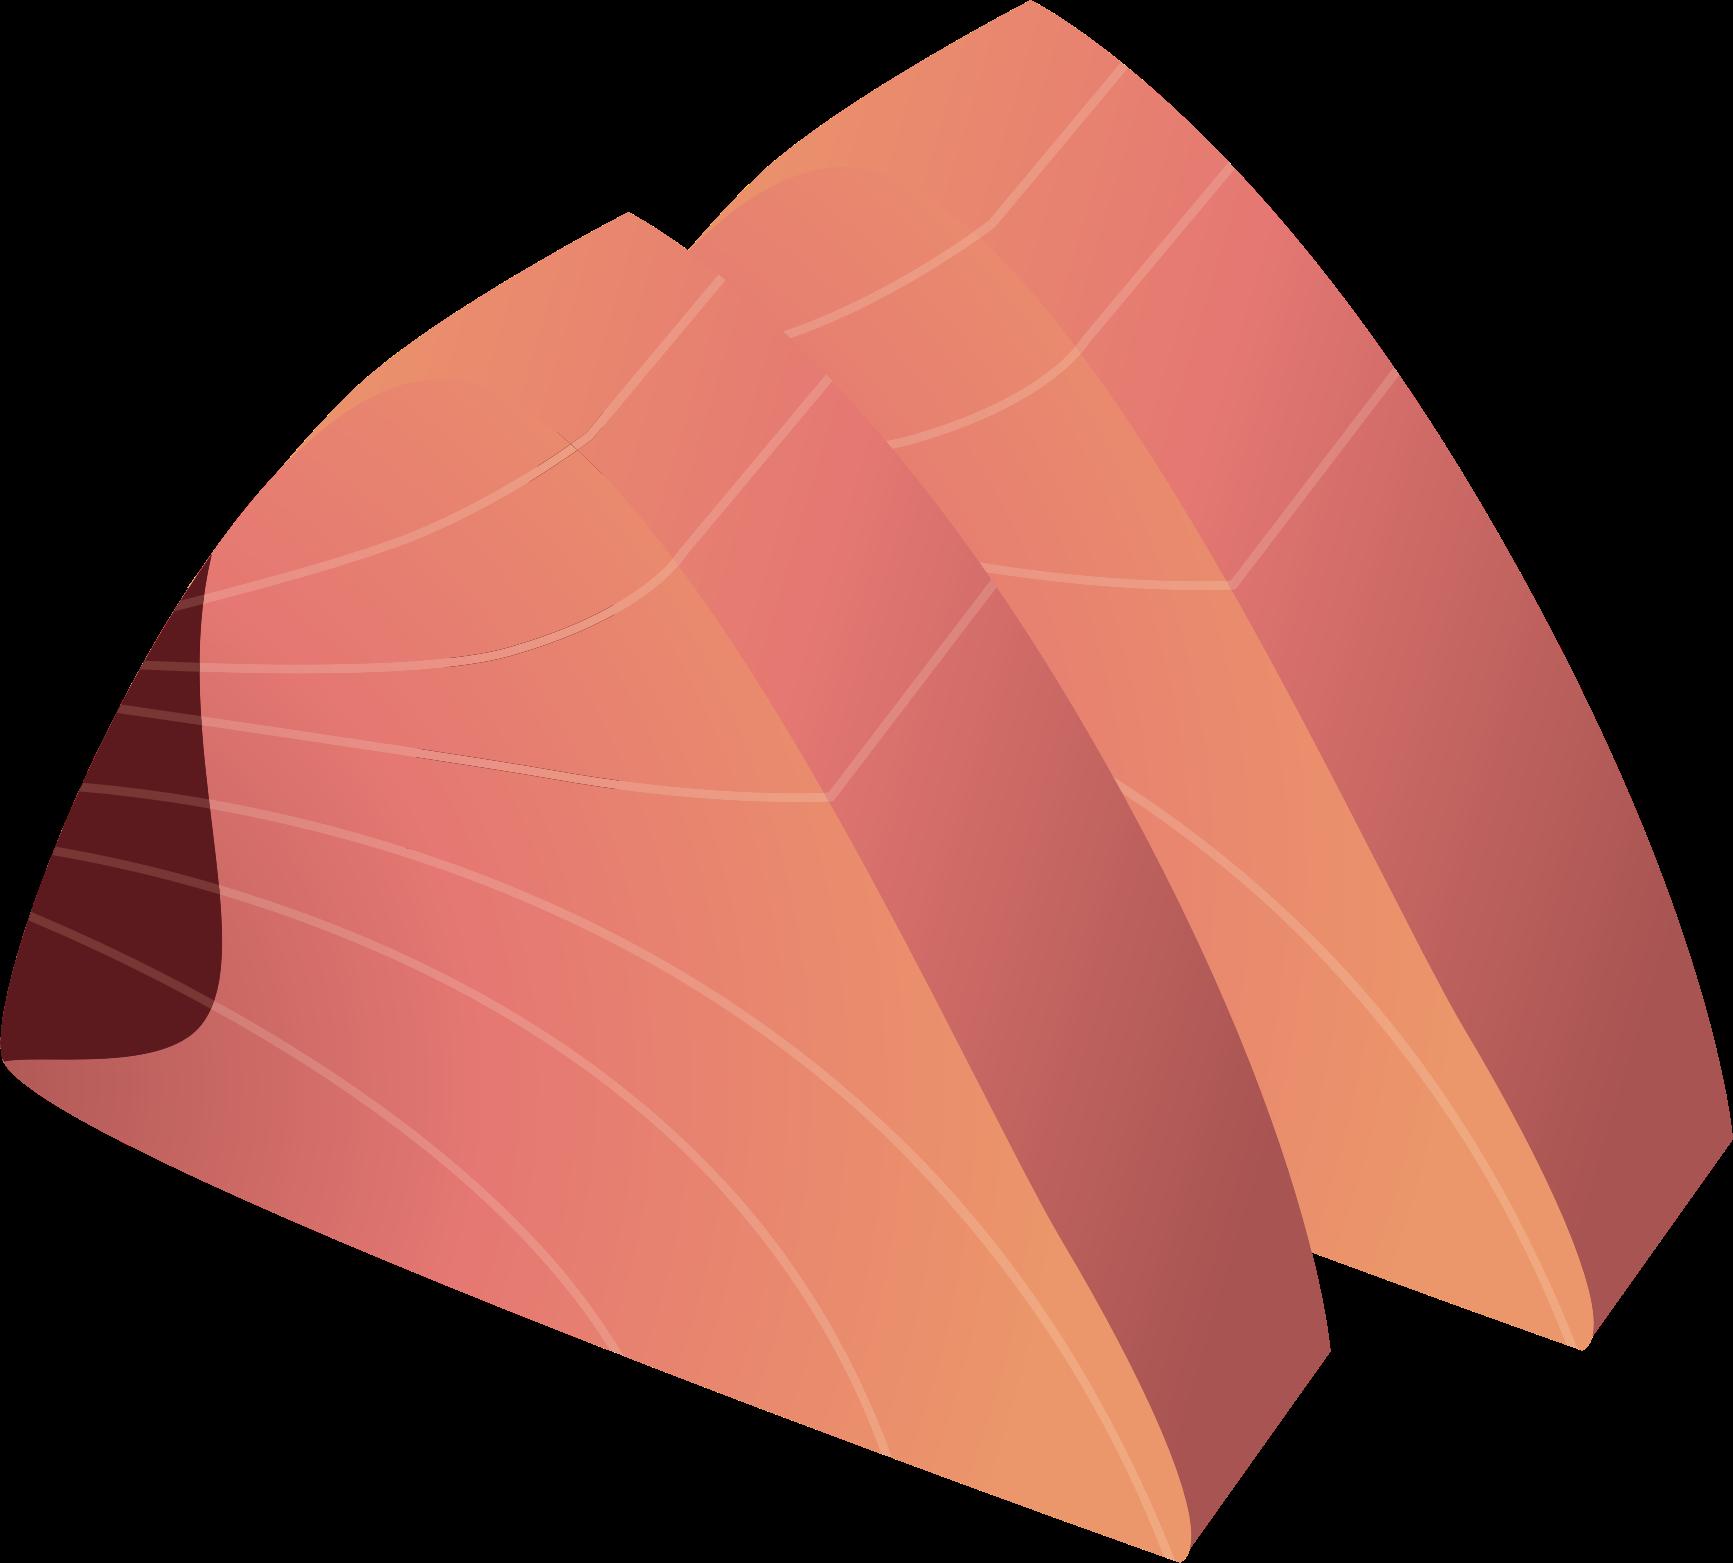 Tuna clipart bonito. Sashimi icons png free